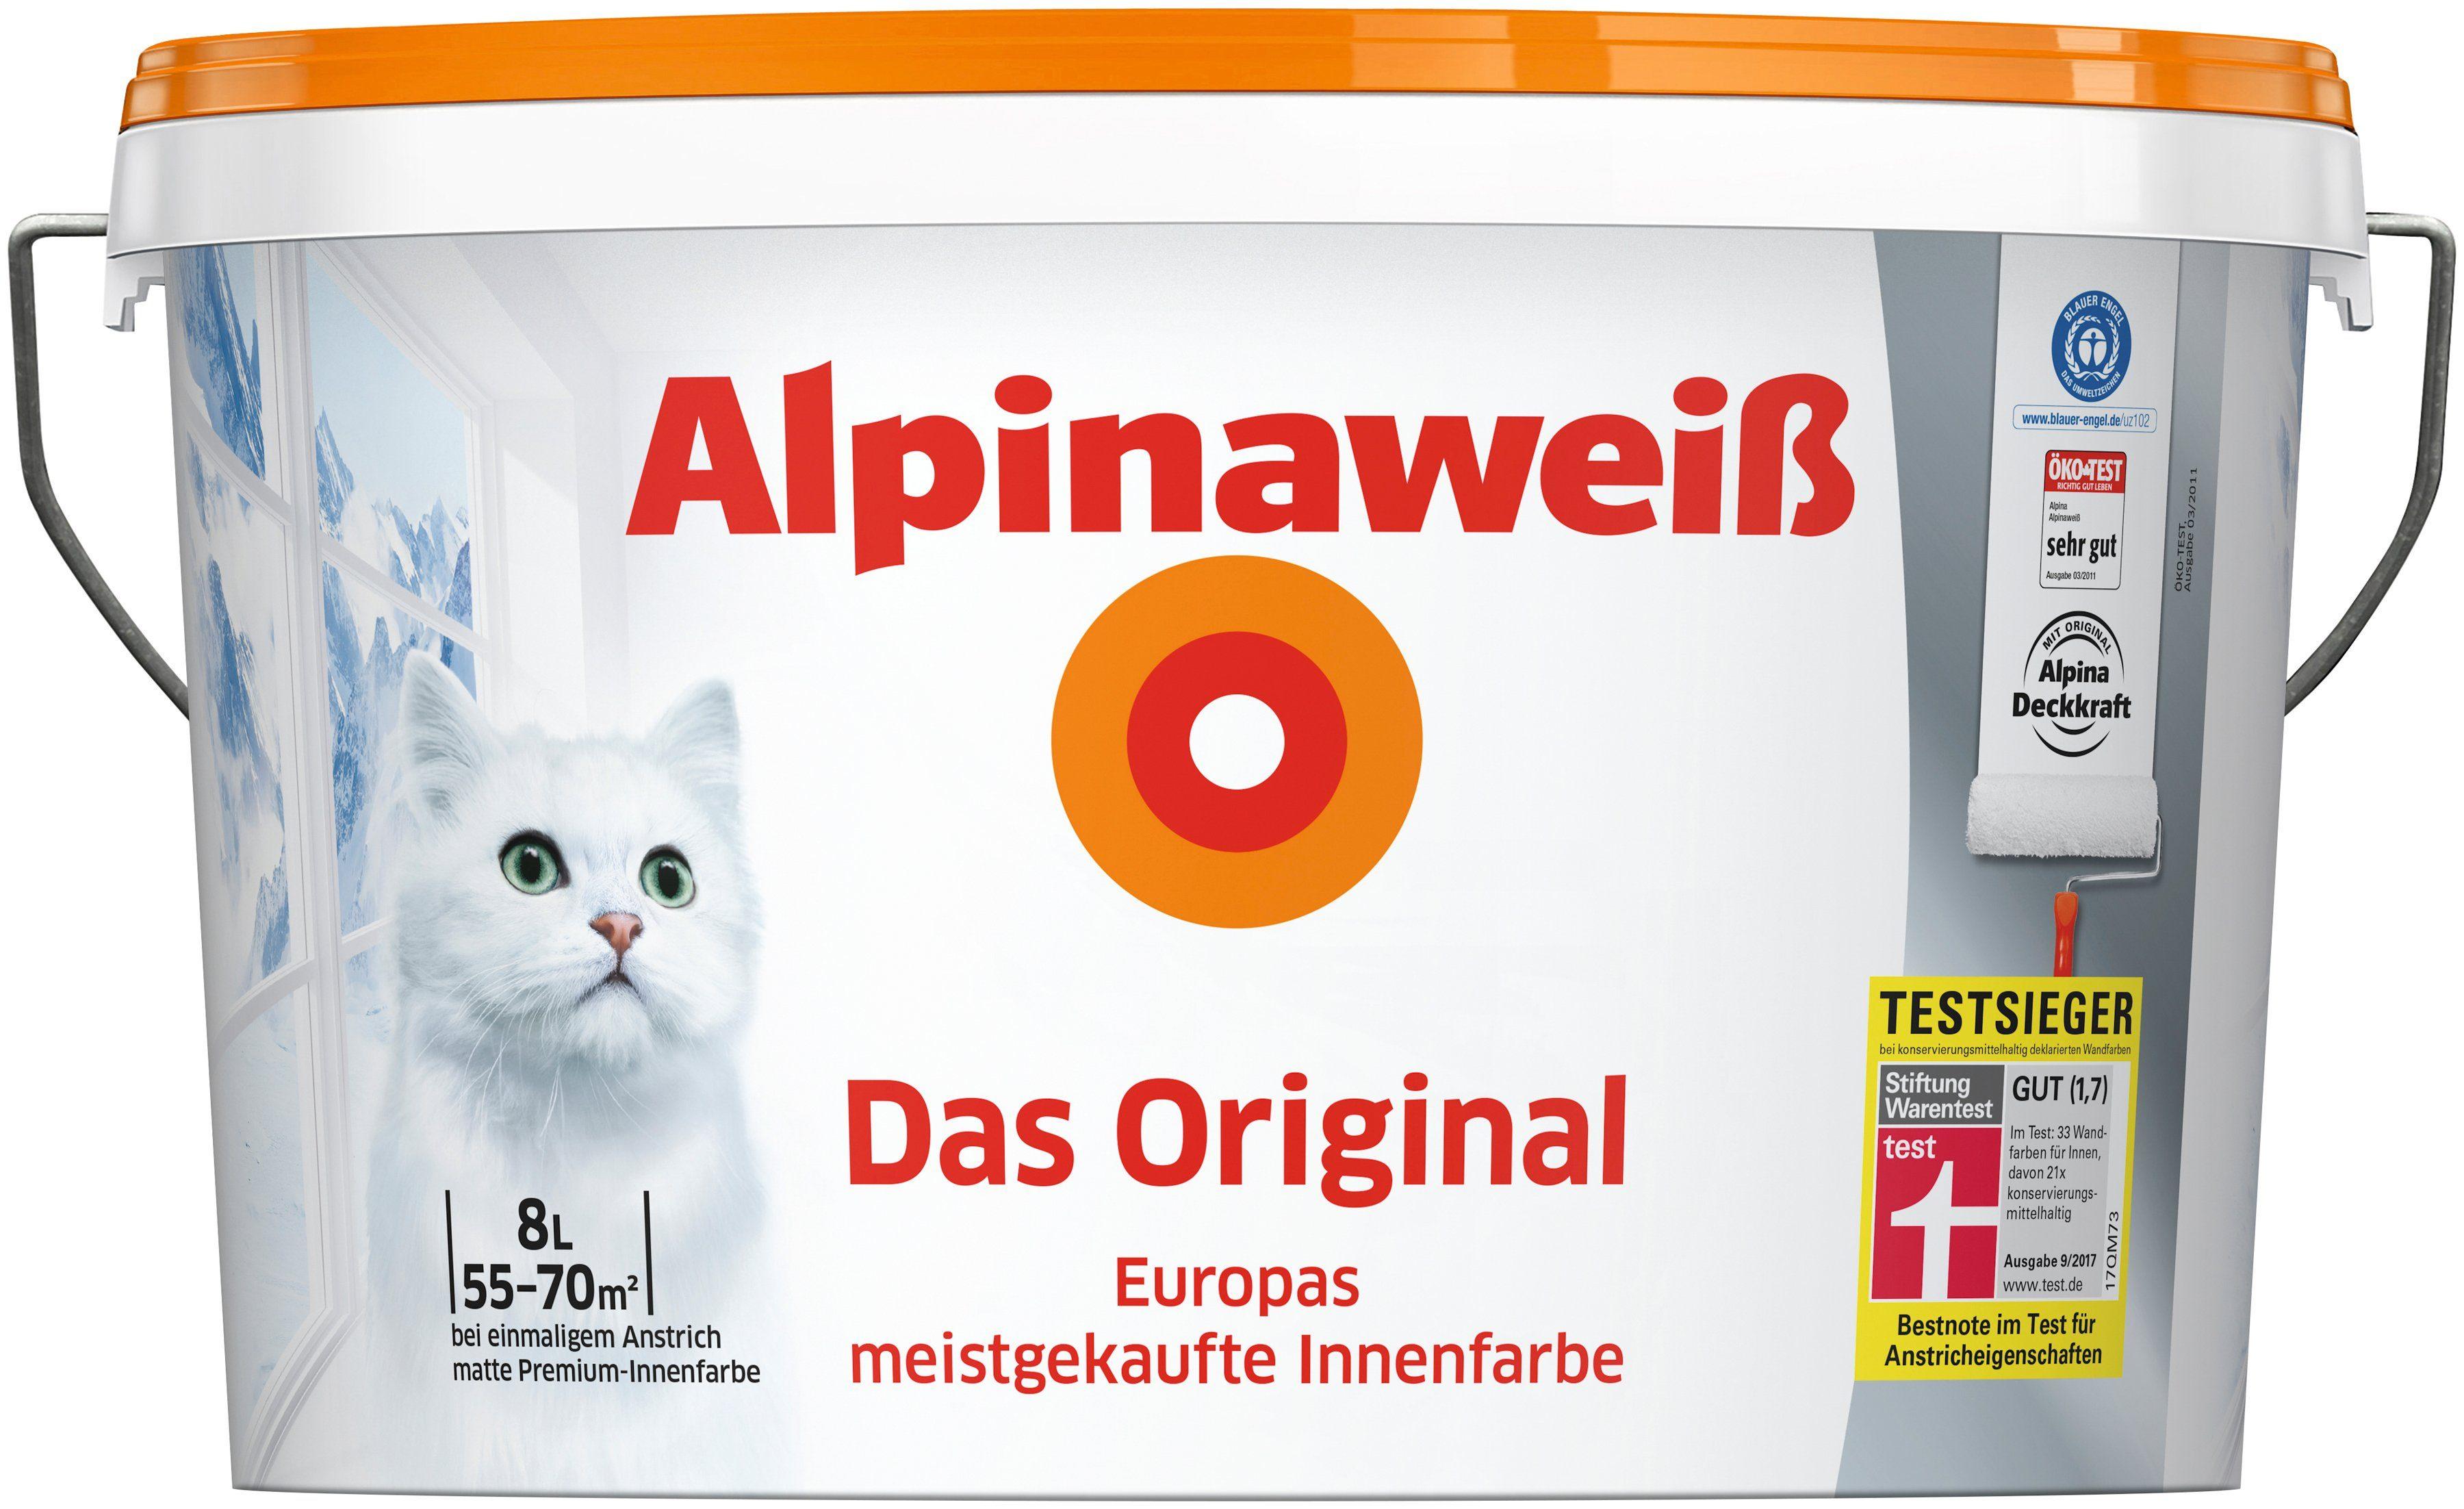 ALPINA Wand- und Deckenfarbe »Alpinaweiß - Das Original«, 8 l